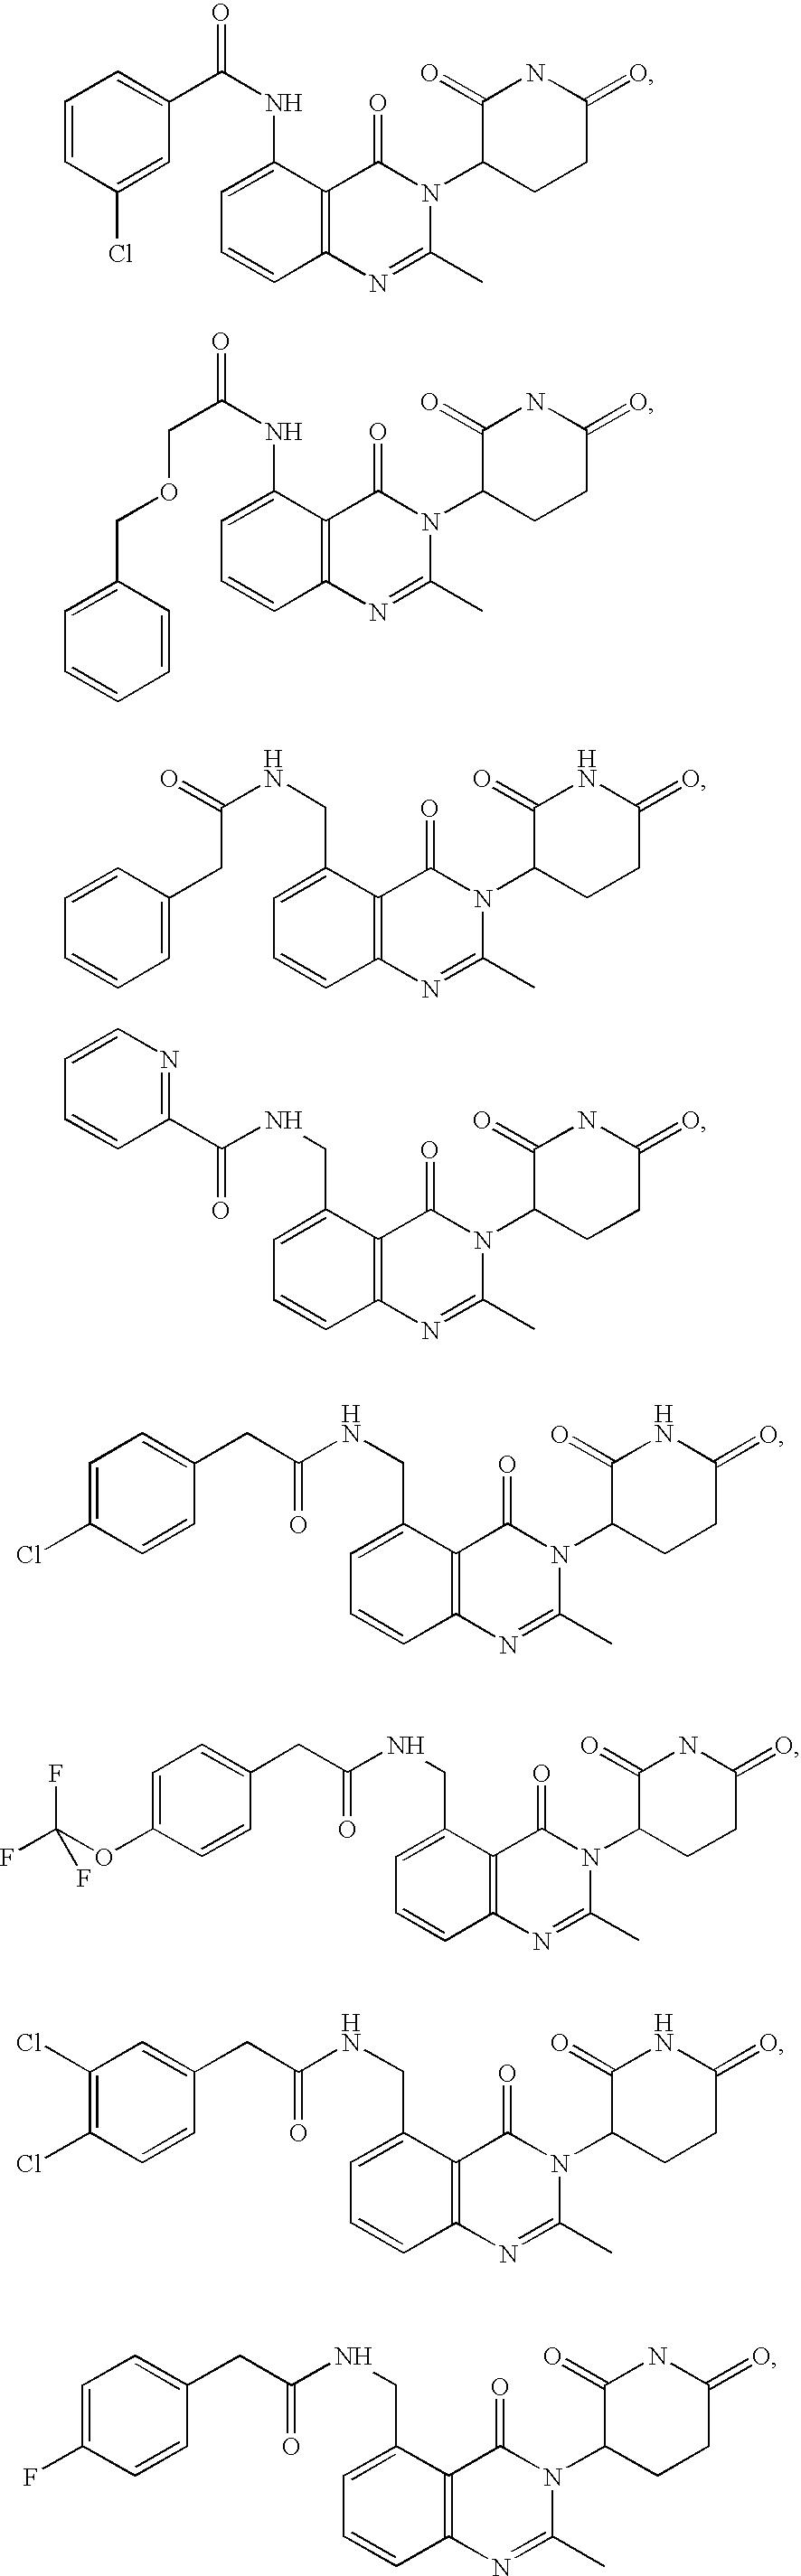 Figure US07635700-20091222-C00081